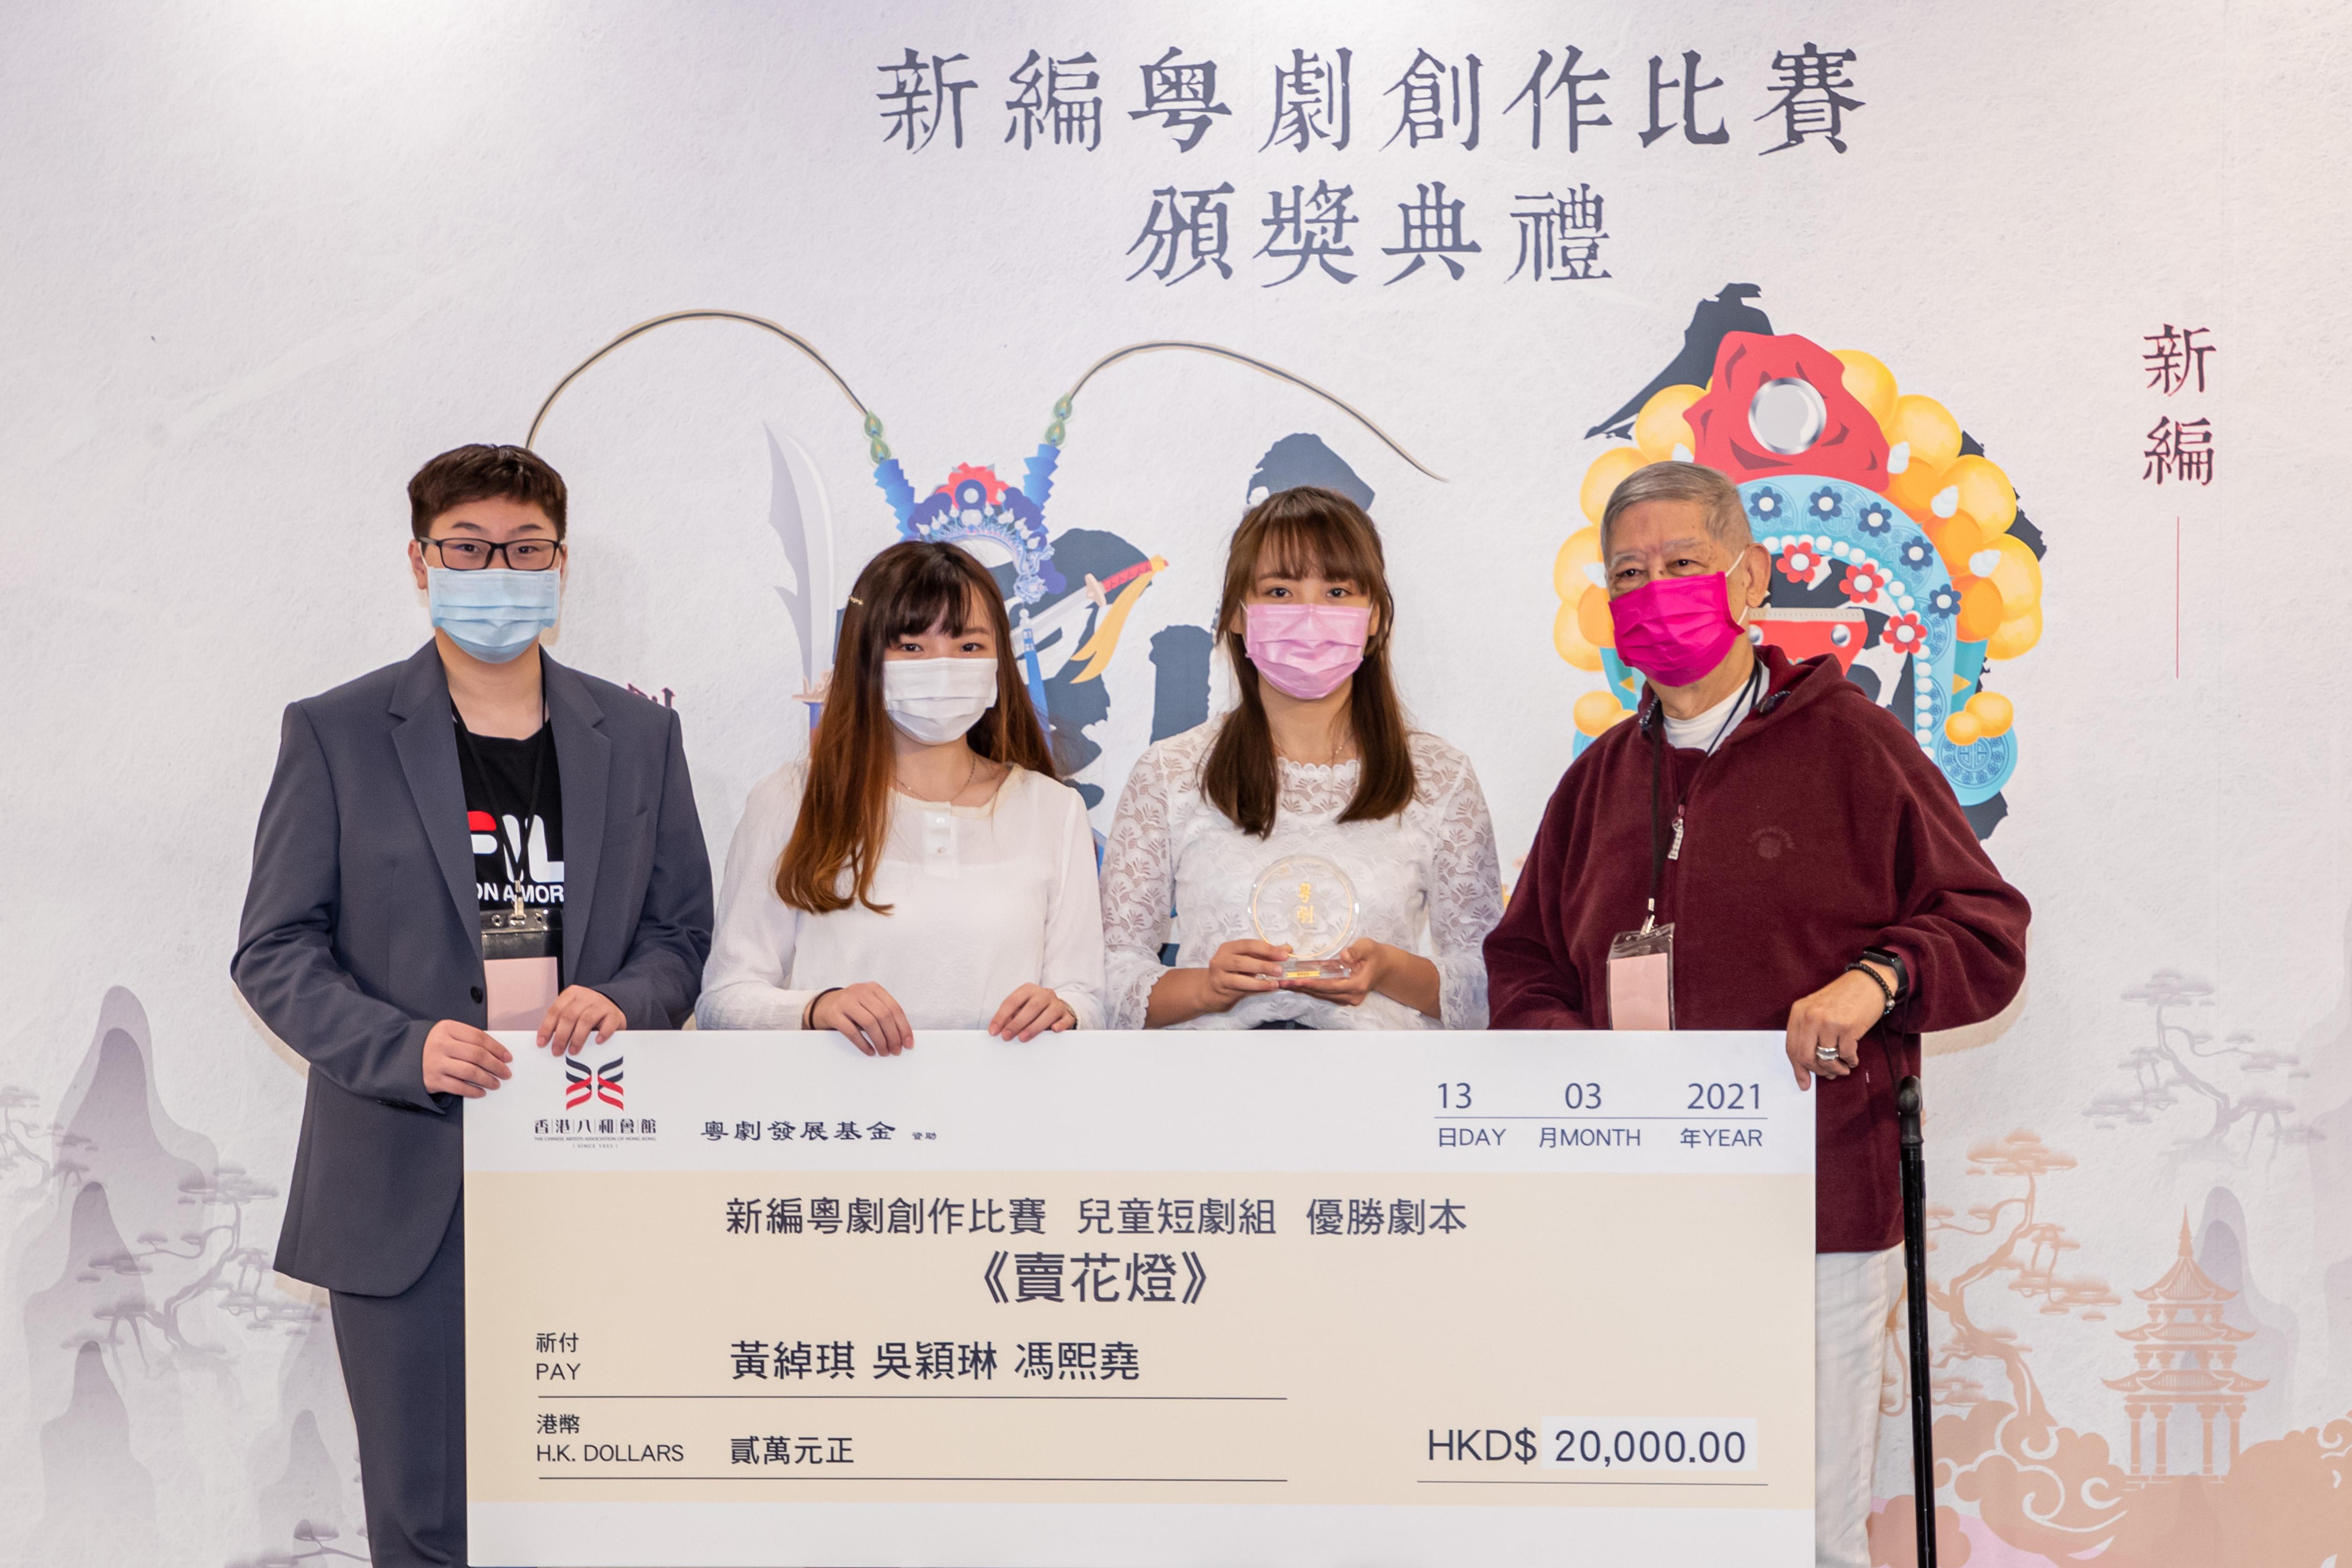 資深粵劇音樂領導劉建榮出席頒獎典禮,並頒發兒童短劇組的優勝劇本獎,以鼓勵新編粵劇編劇